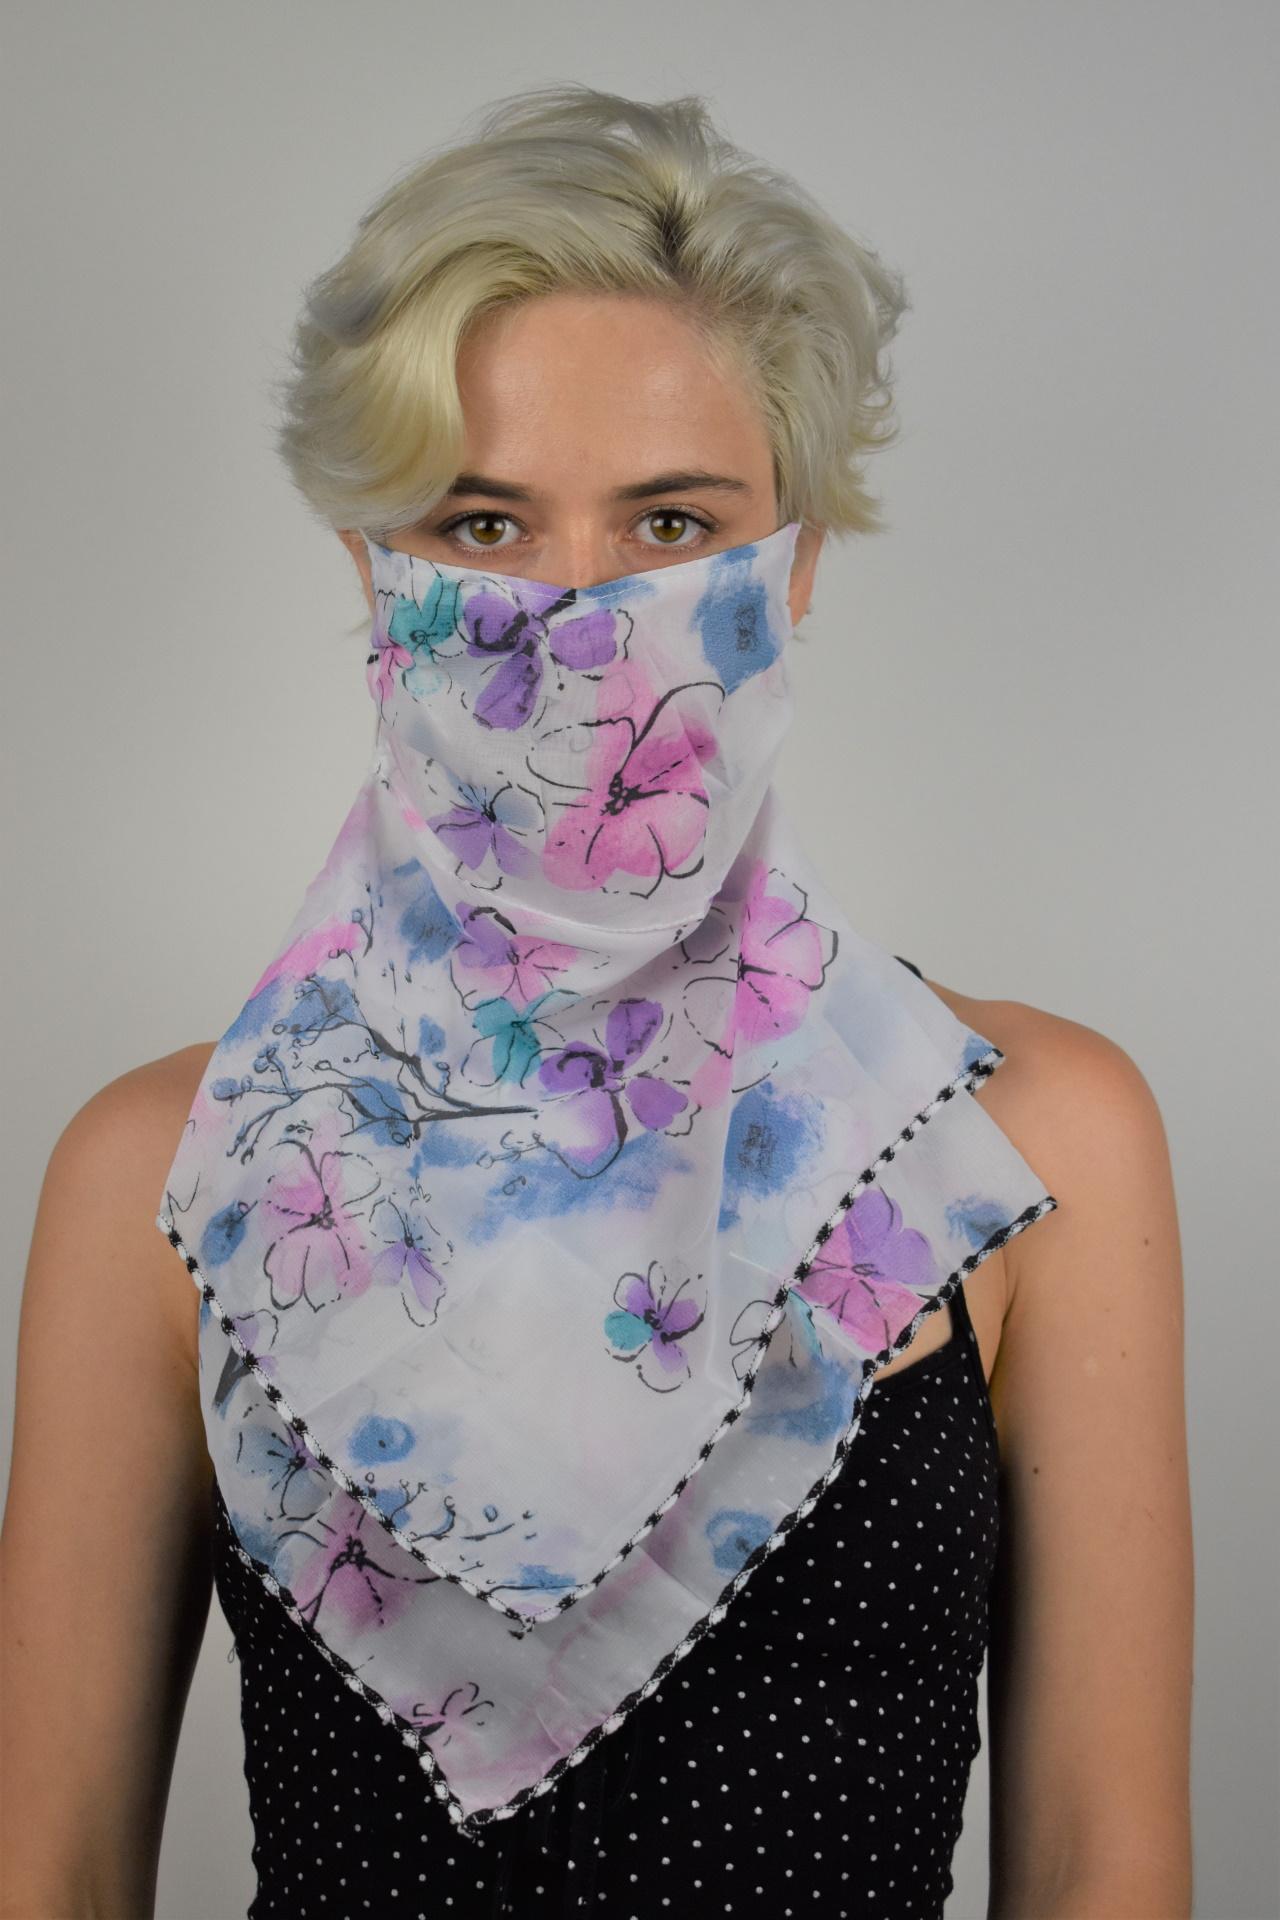 MIX FOULARD DONNA SCIARPA COPRIVISO ANTIVENTO 3 1stAmerican foulard da donna sciarpa copriviso antivento